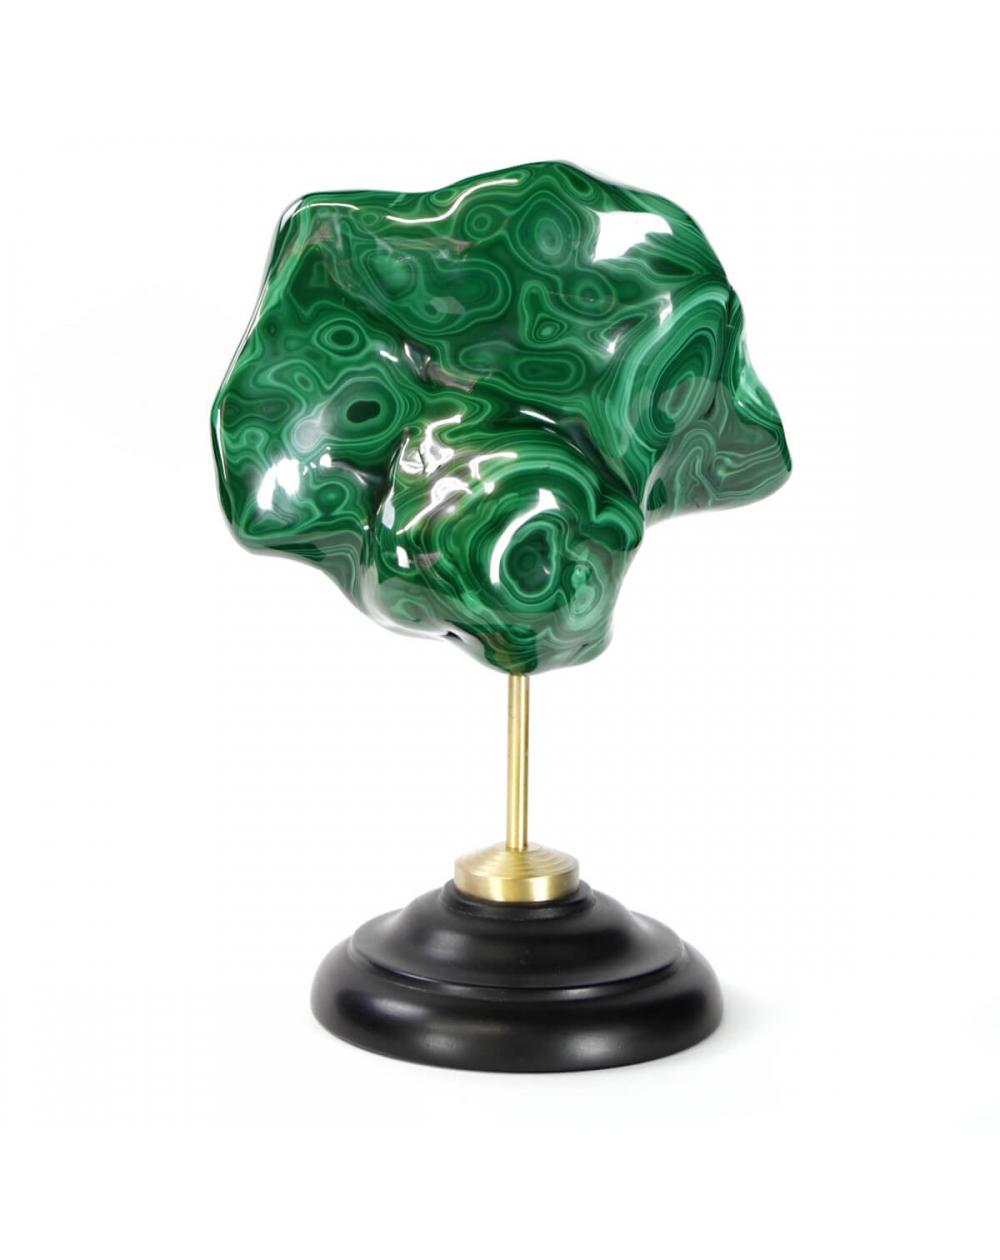 Malachite on Brass and Wood Pedestal